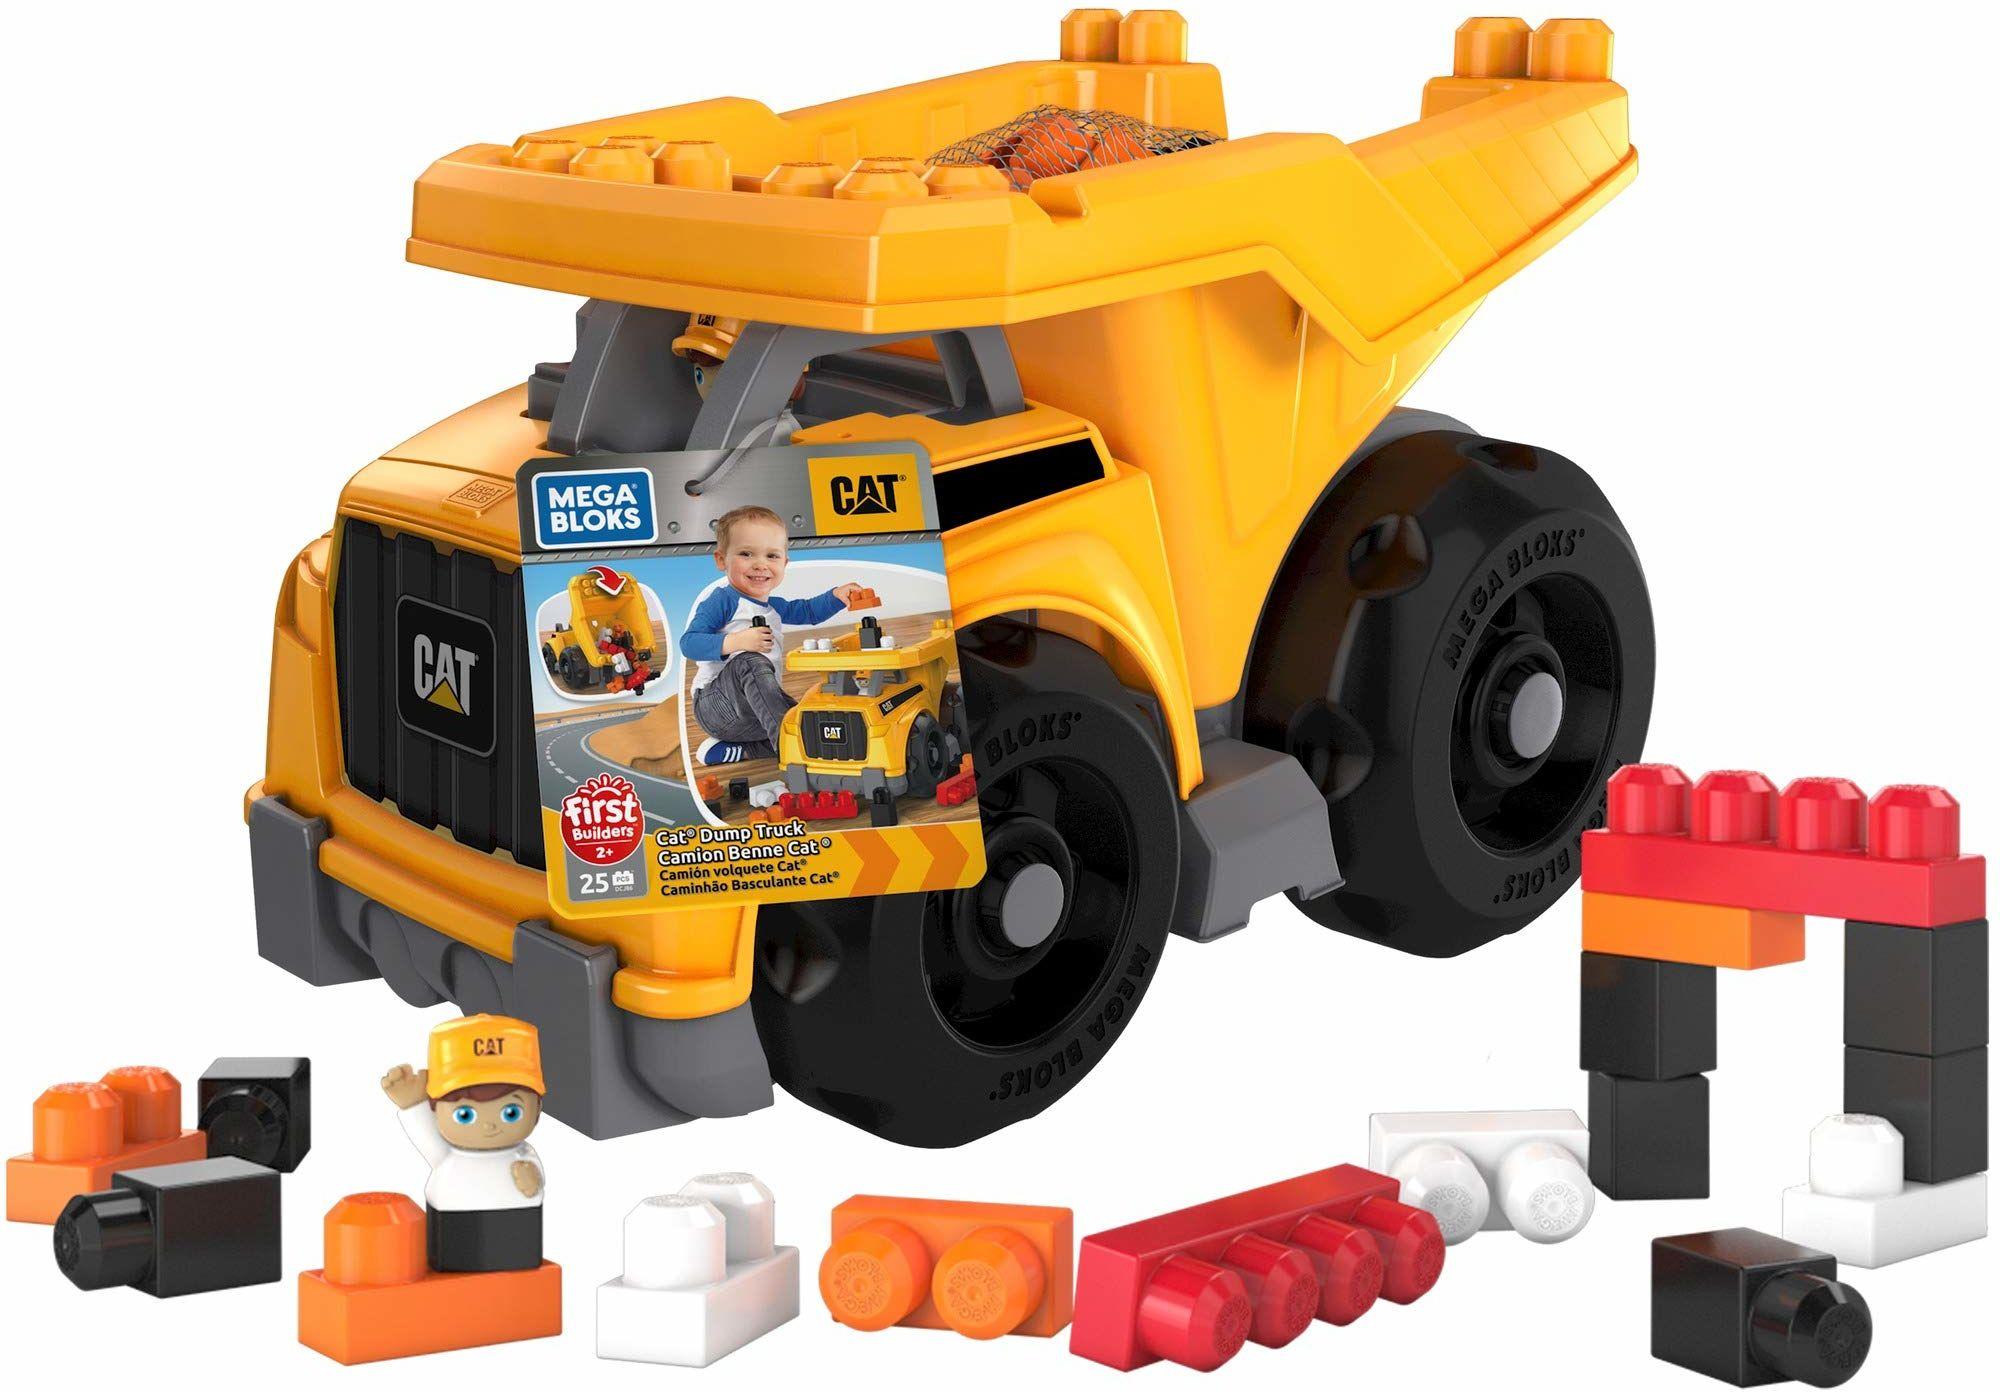 Mega Bloks DCJ86 CAT duży pojazd wywrotka ciężarówki